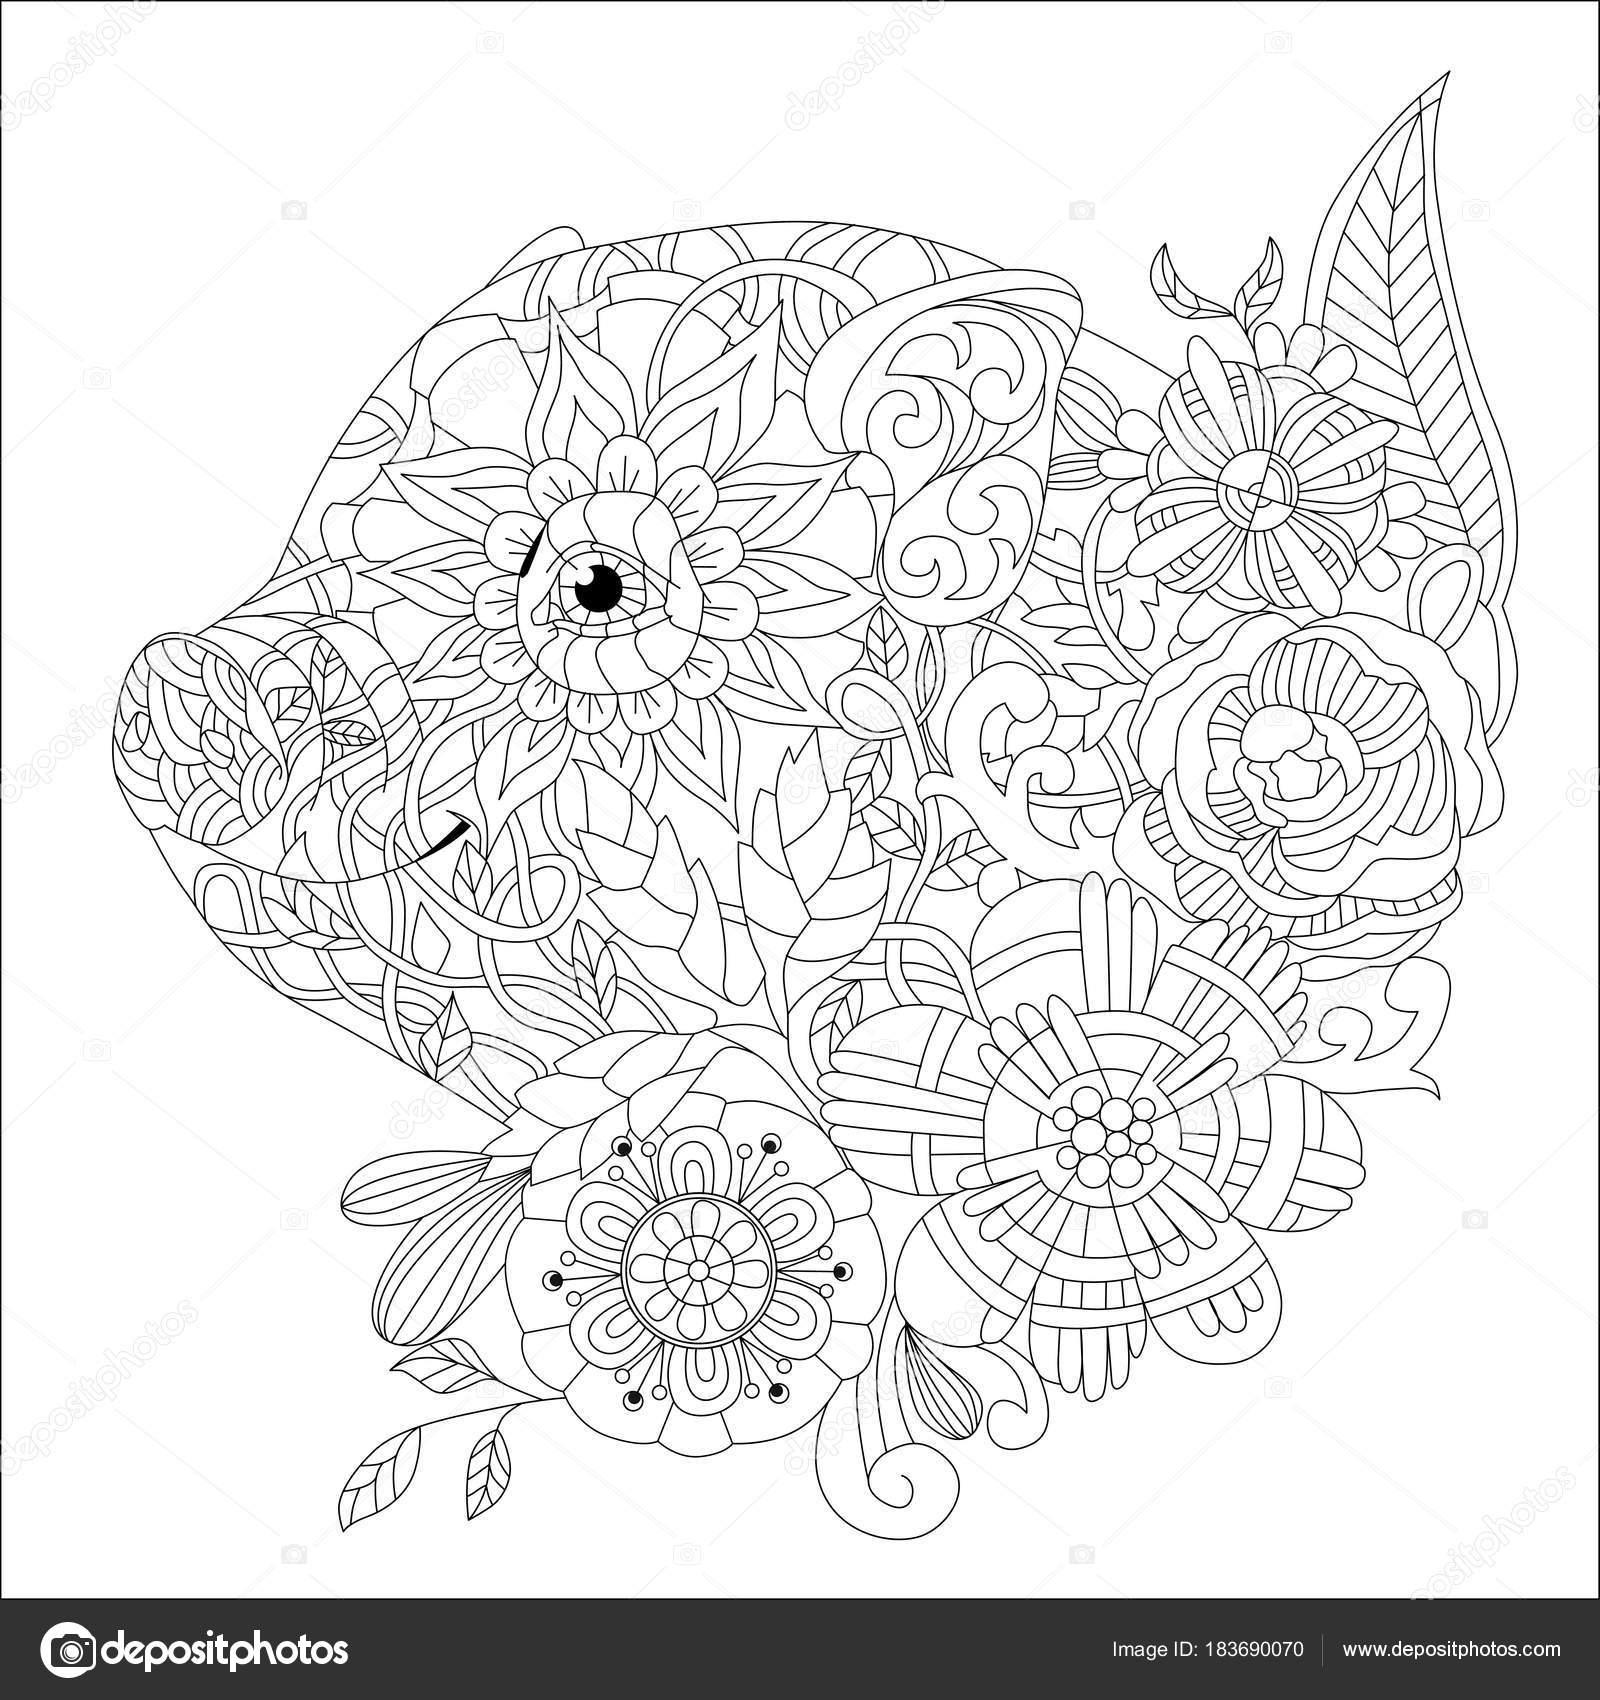 Kleurplaten Voor Volwassenen Met Bloemen.Piggy Met Bloemen Kleurplaten Voor Volwassenen Vector Boek